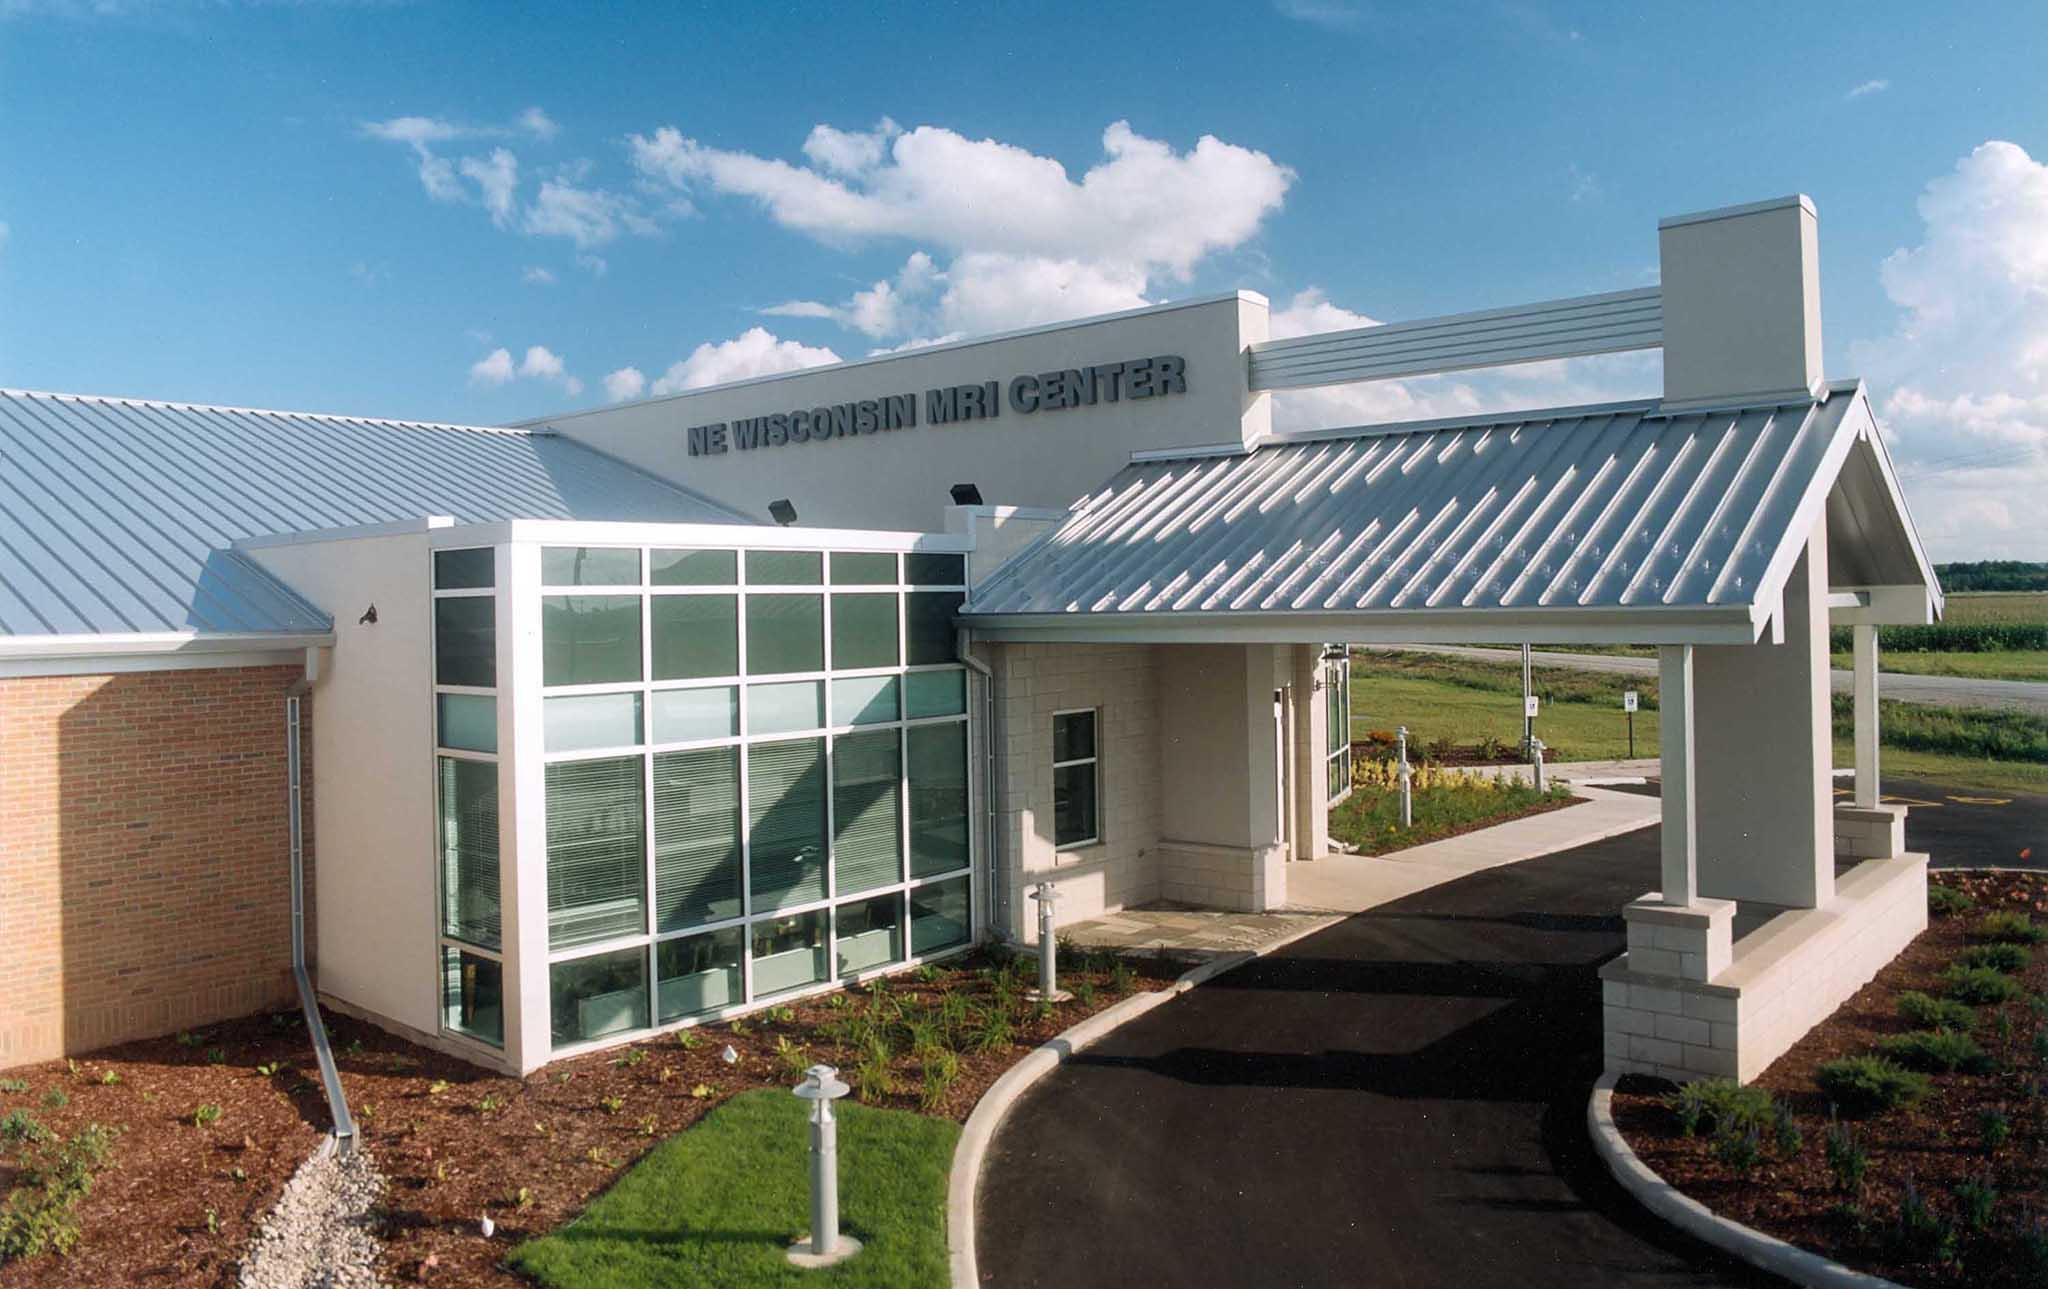 Northeast-Wisconsin-MRI-Center